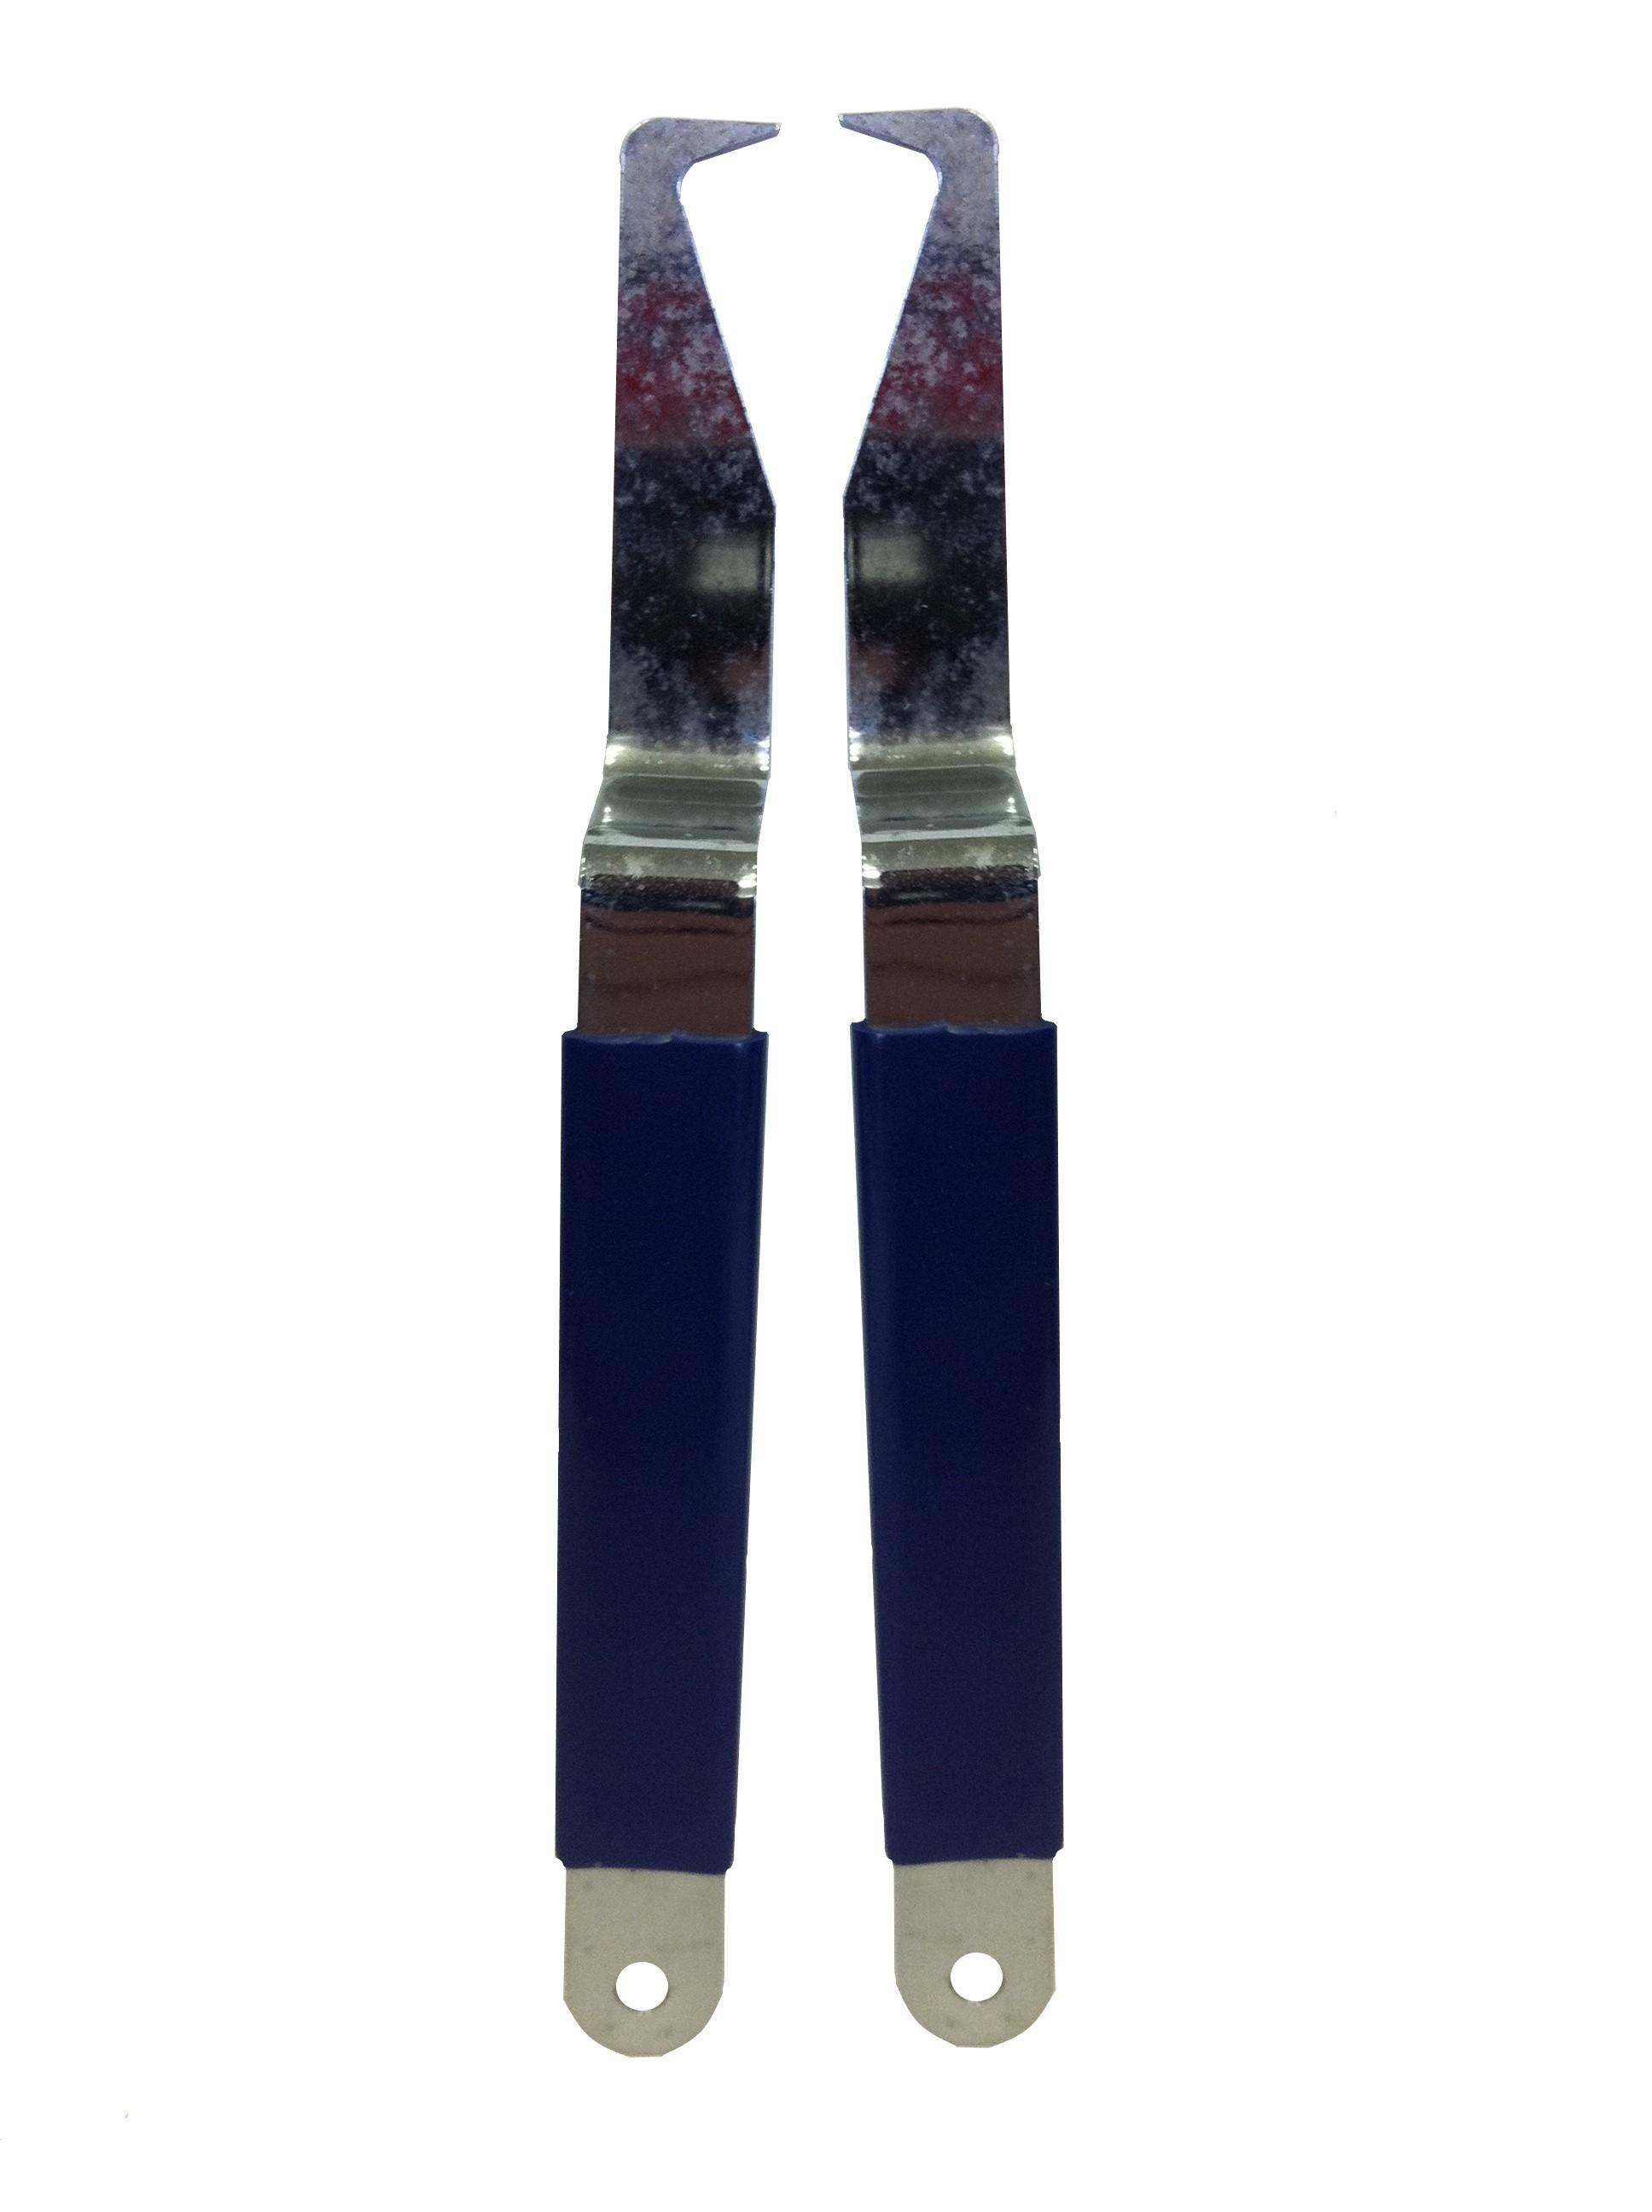 Køb 149390 TEROSON Anzahl Werkzeuge: 2 Spartel 149390 billige